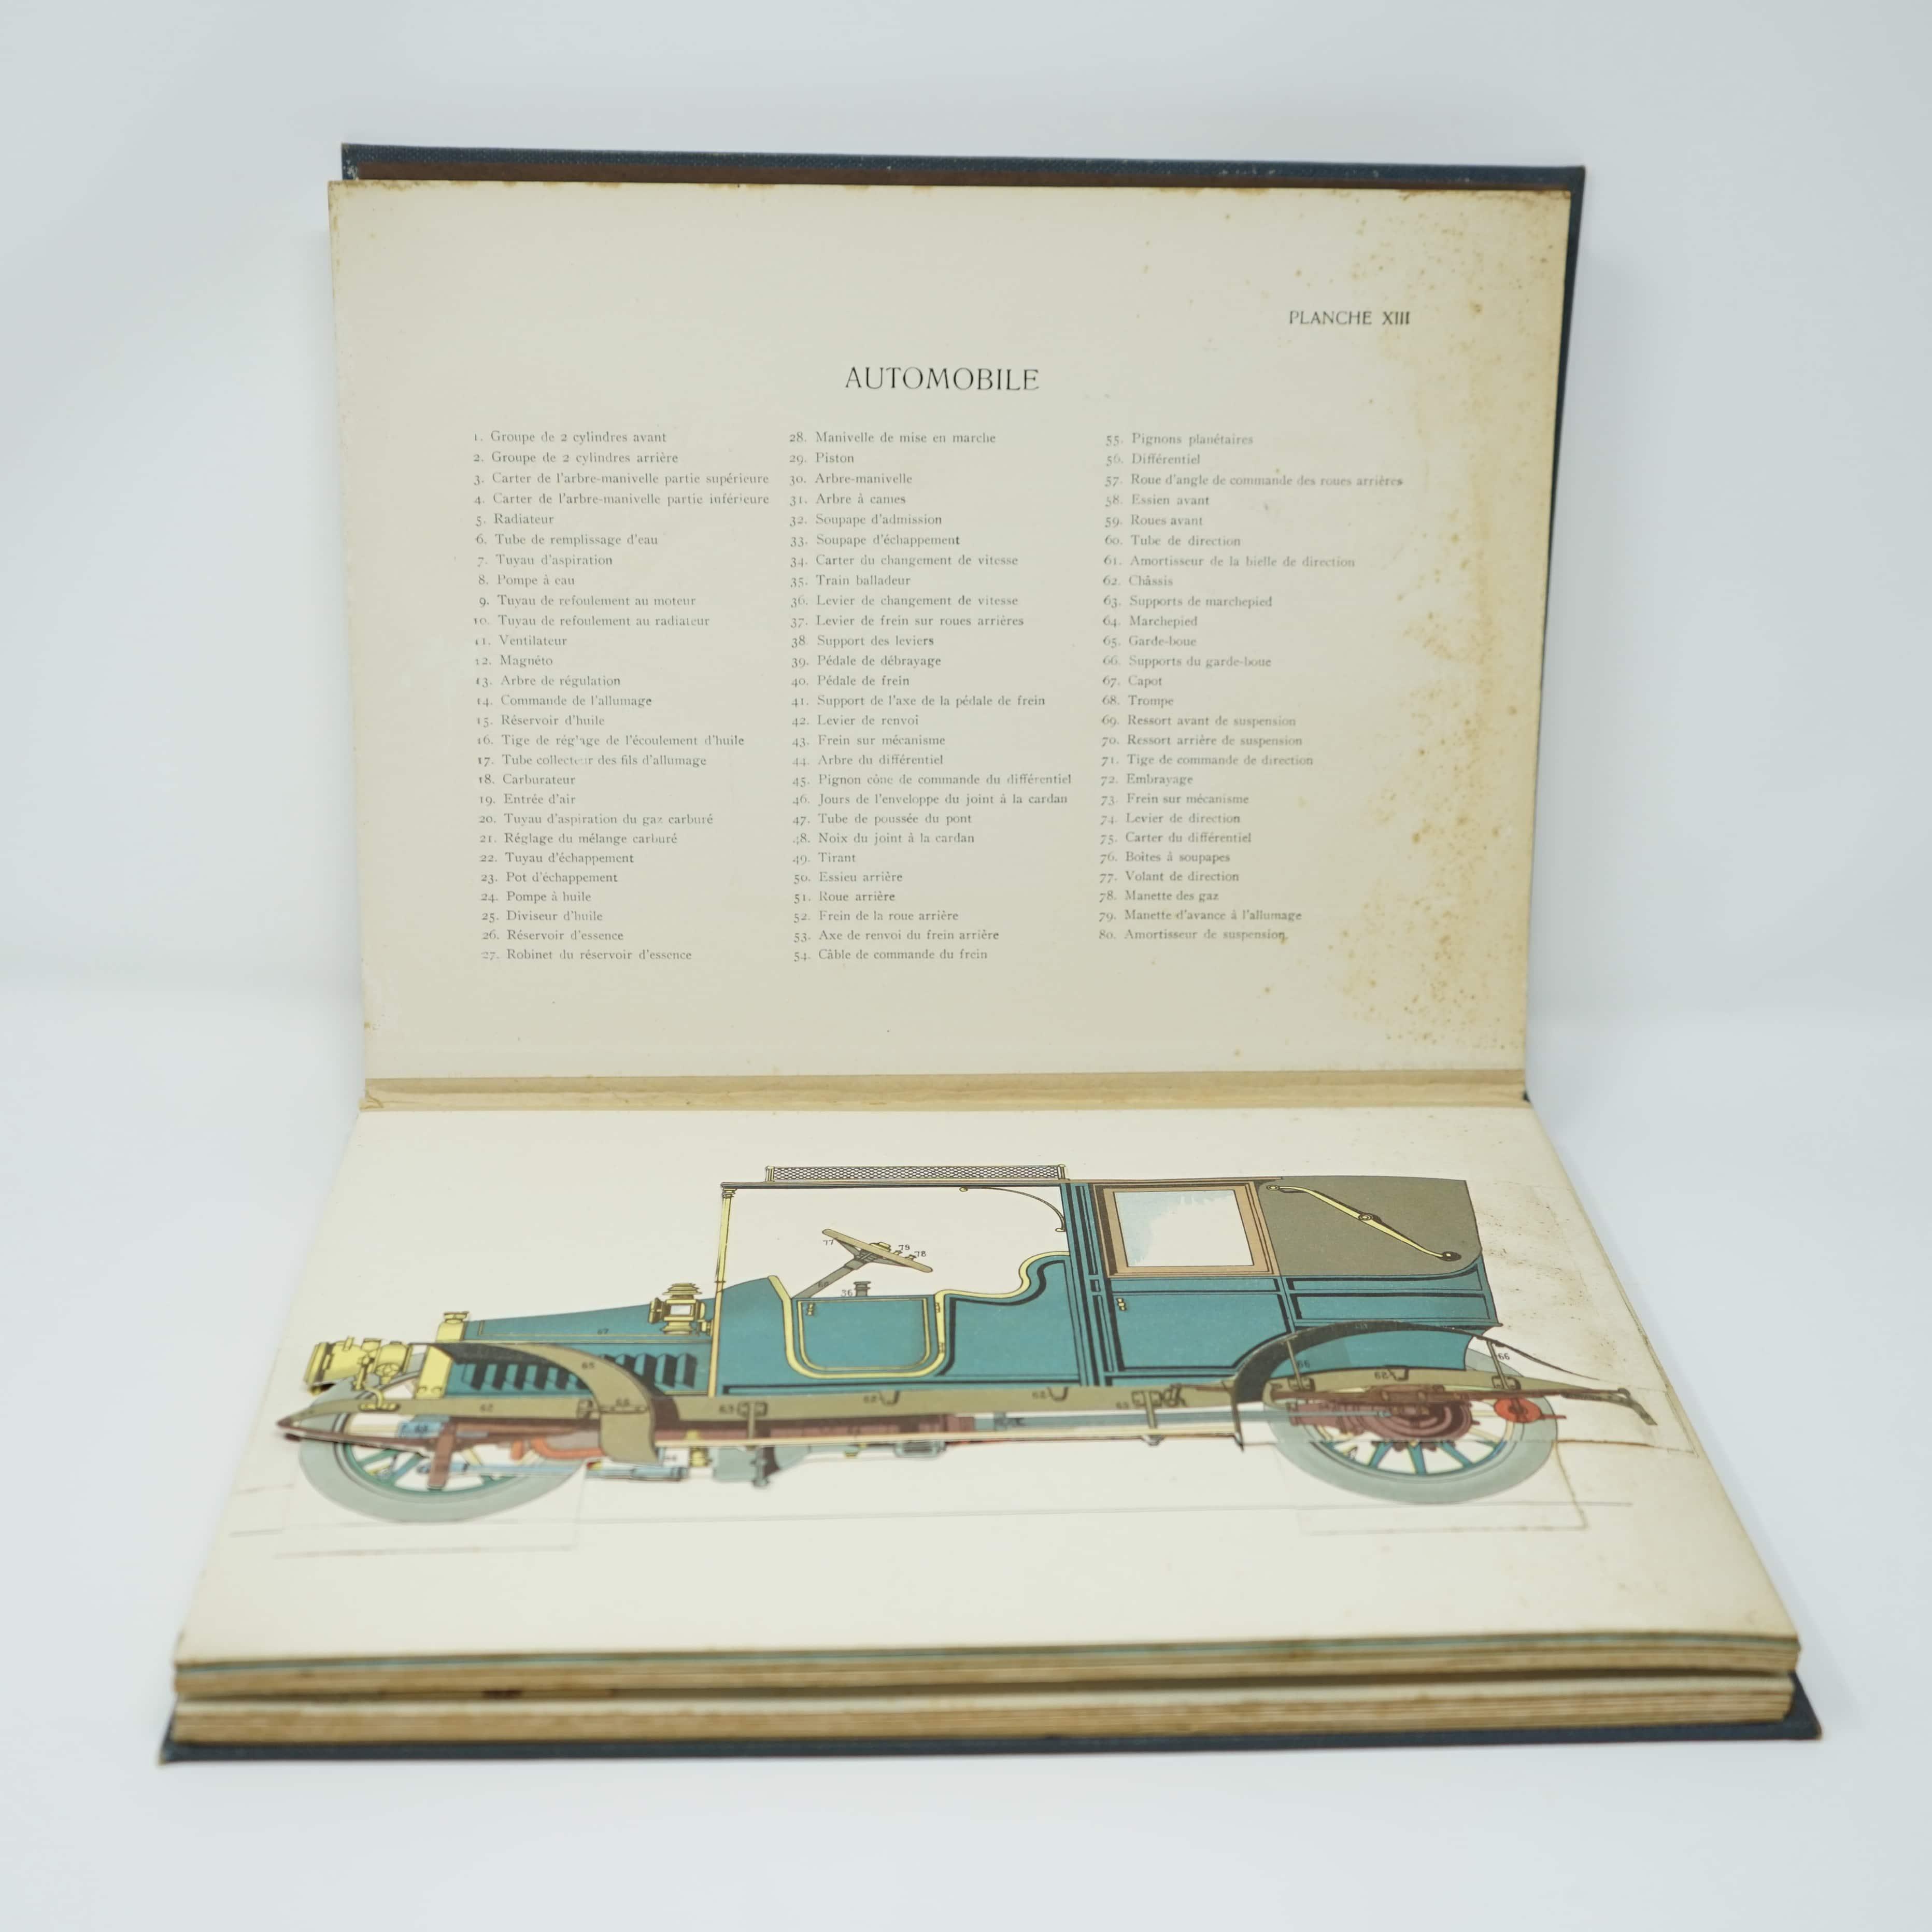 Grande Encyclopédie de Mécanique et d'Électricité Atlas